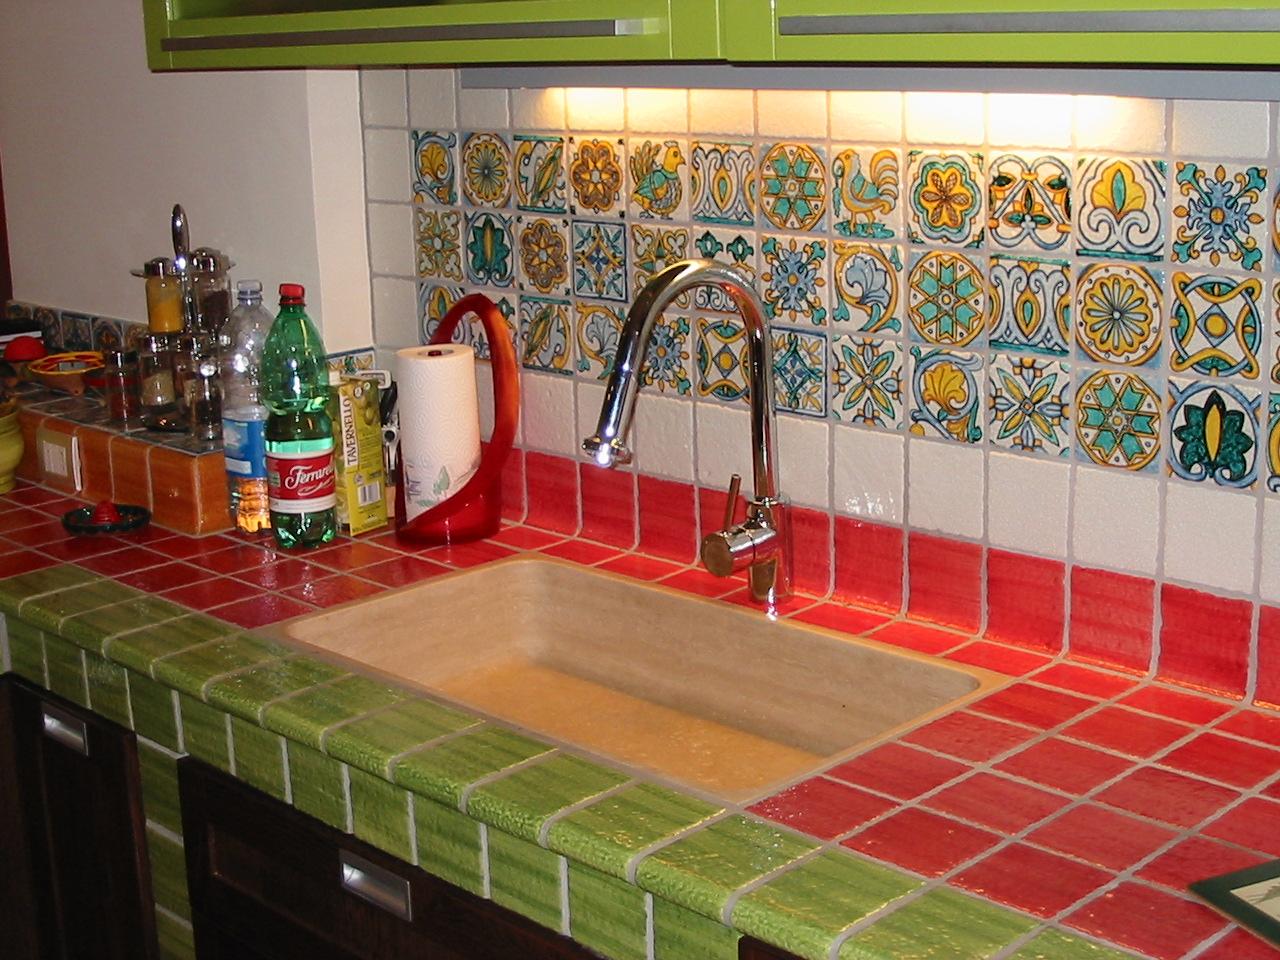 Piastrelle cucina siciliane come può essere realizzata la messa